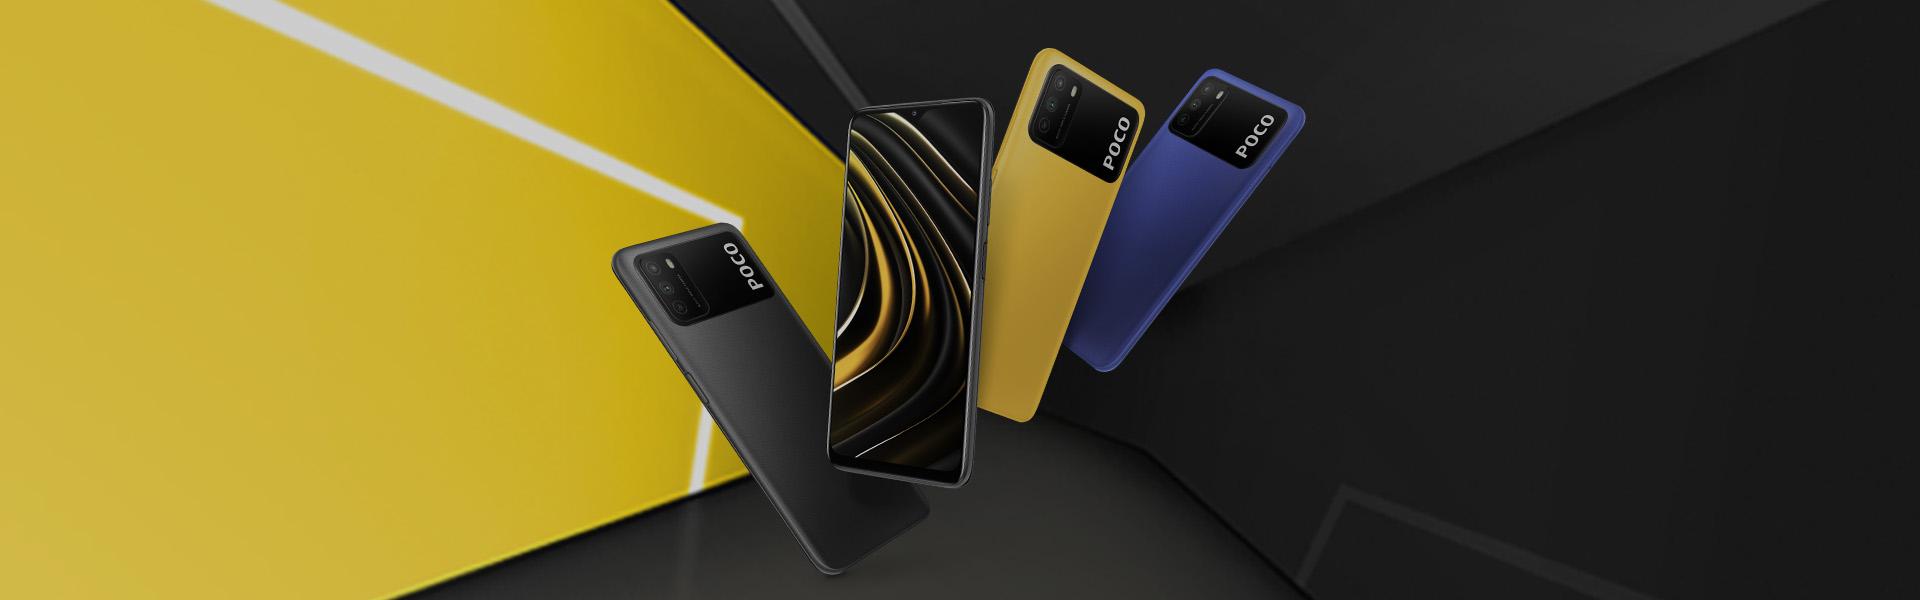 Poco M3, la prova dello smartphone da 159 euro: convince pur con qualche rinuncia